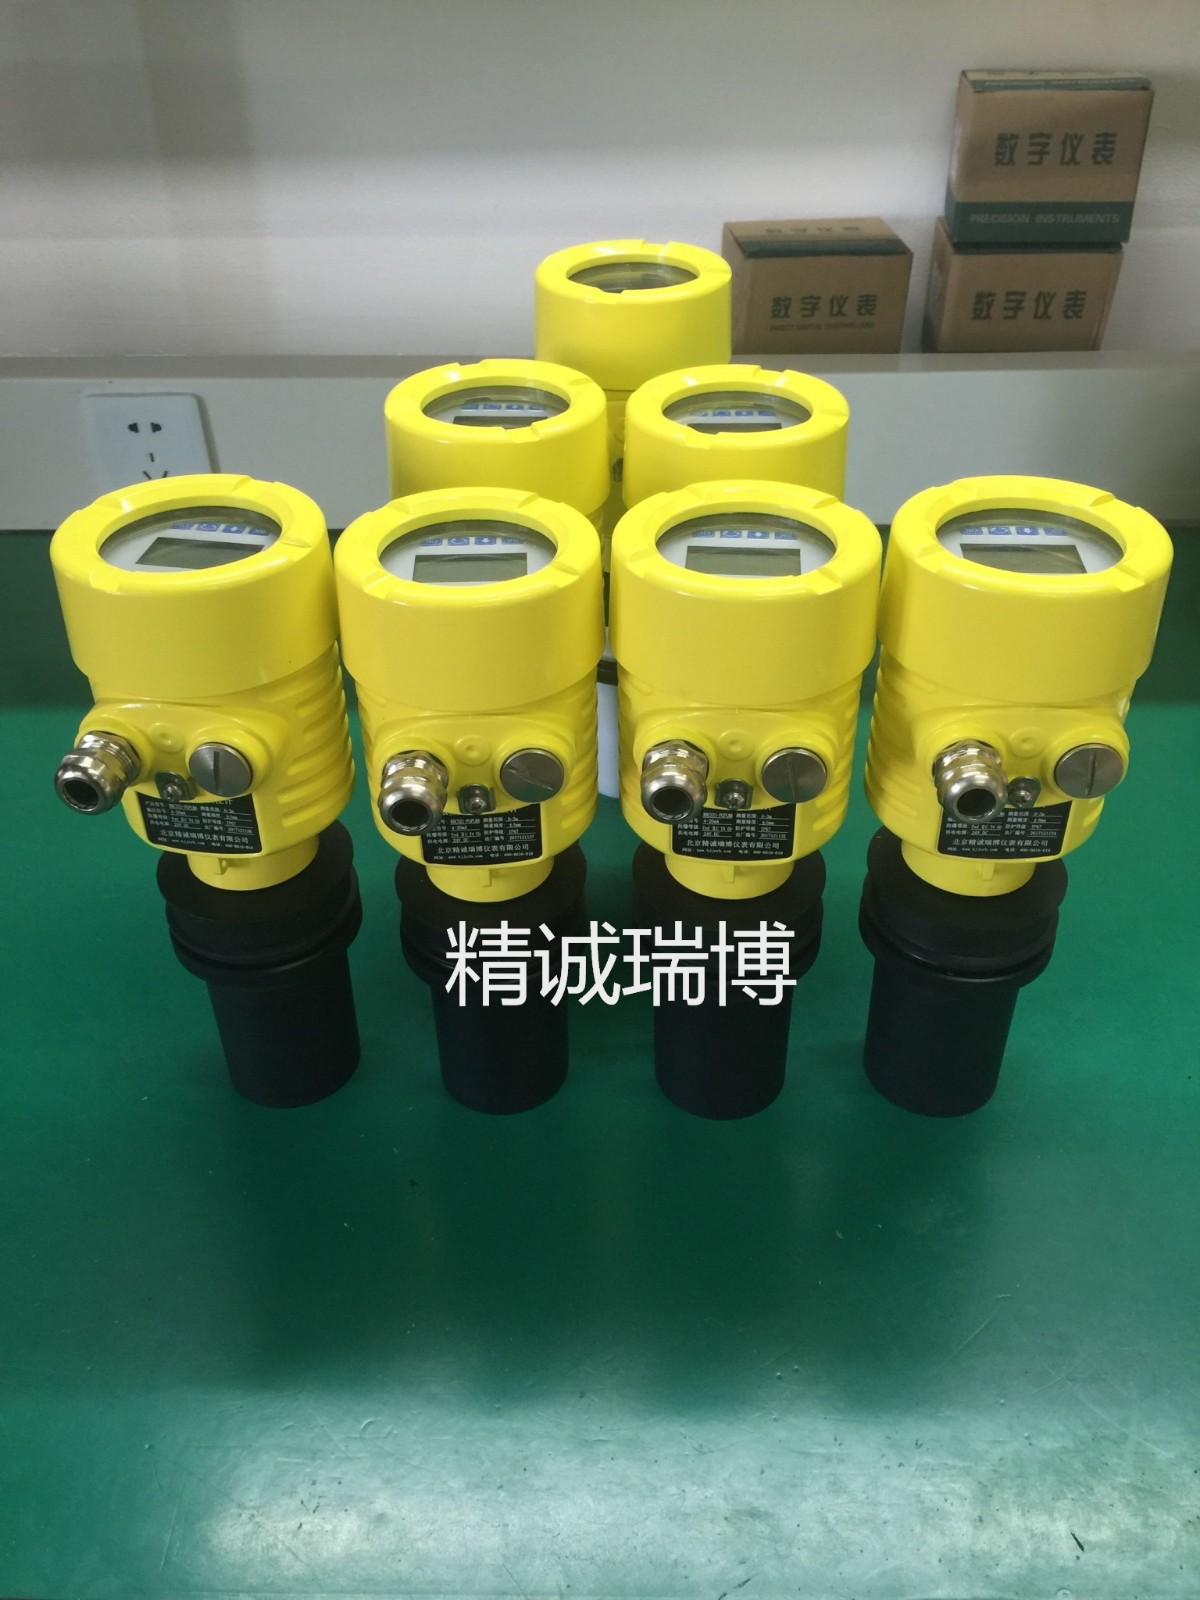 北京精诚瑞博分享超声波液位计保养知识